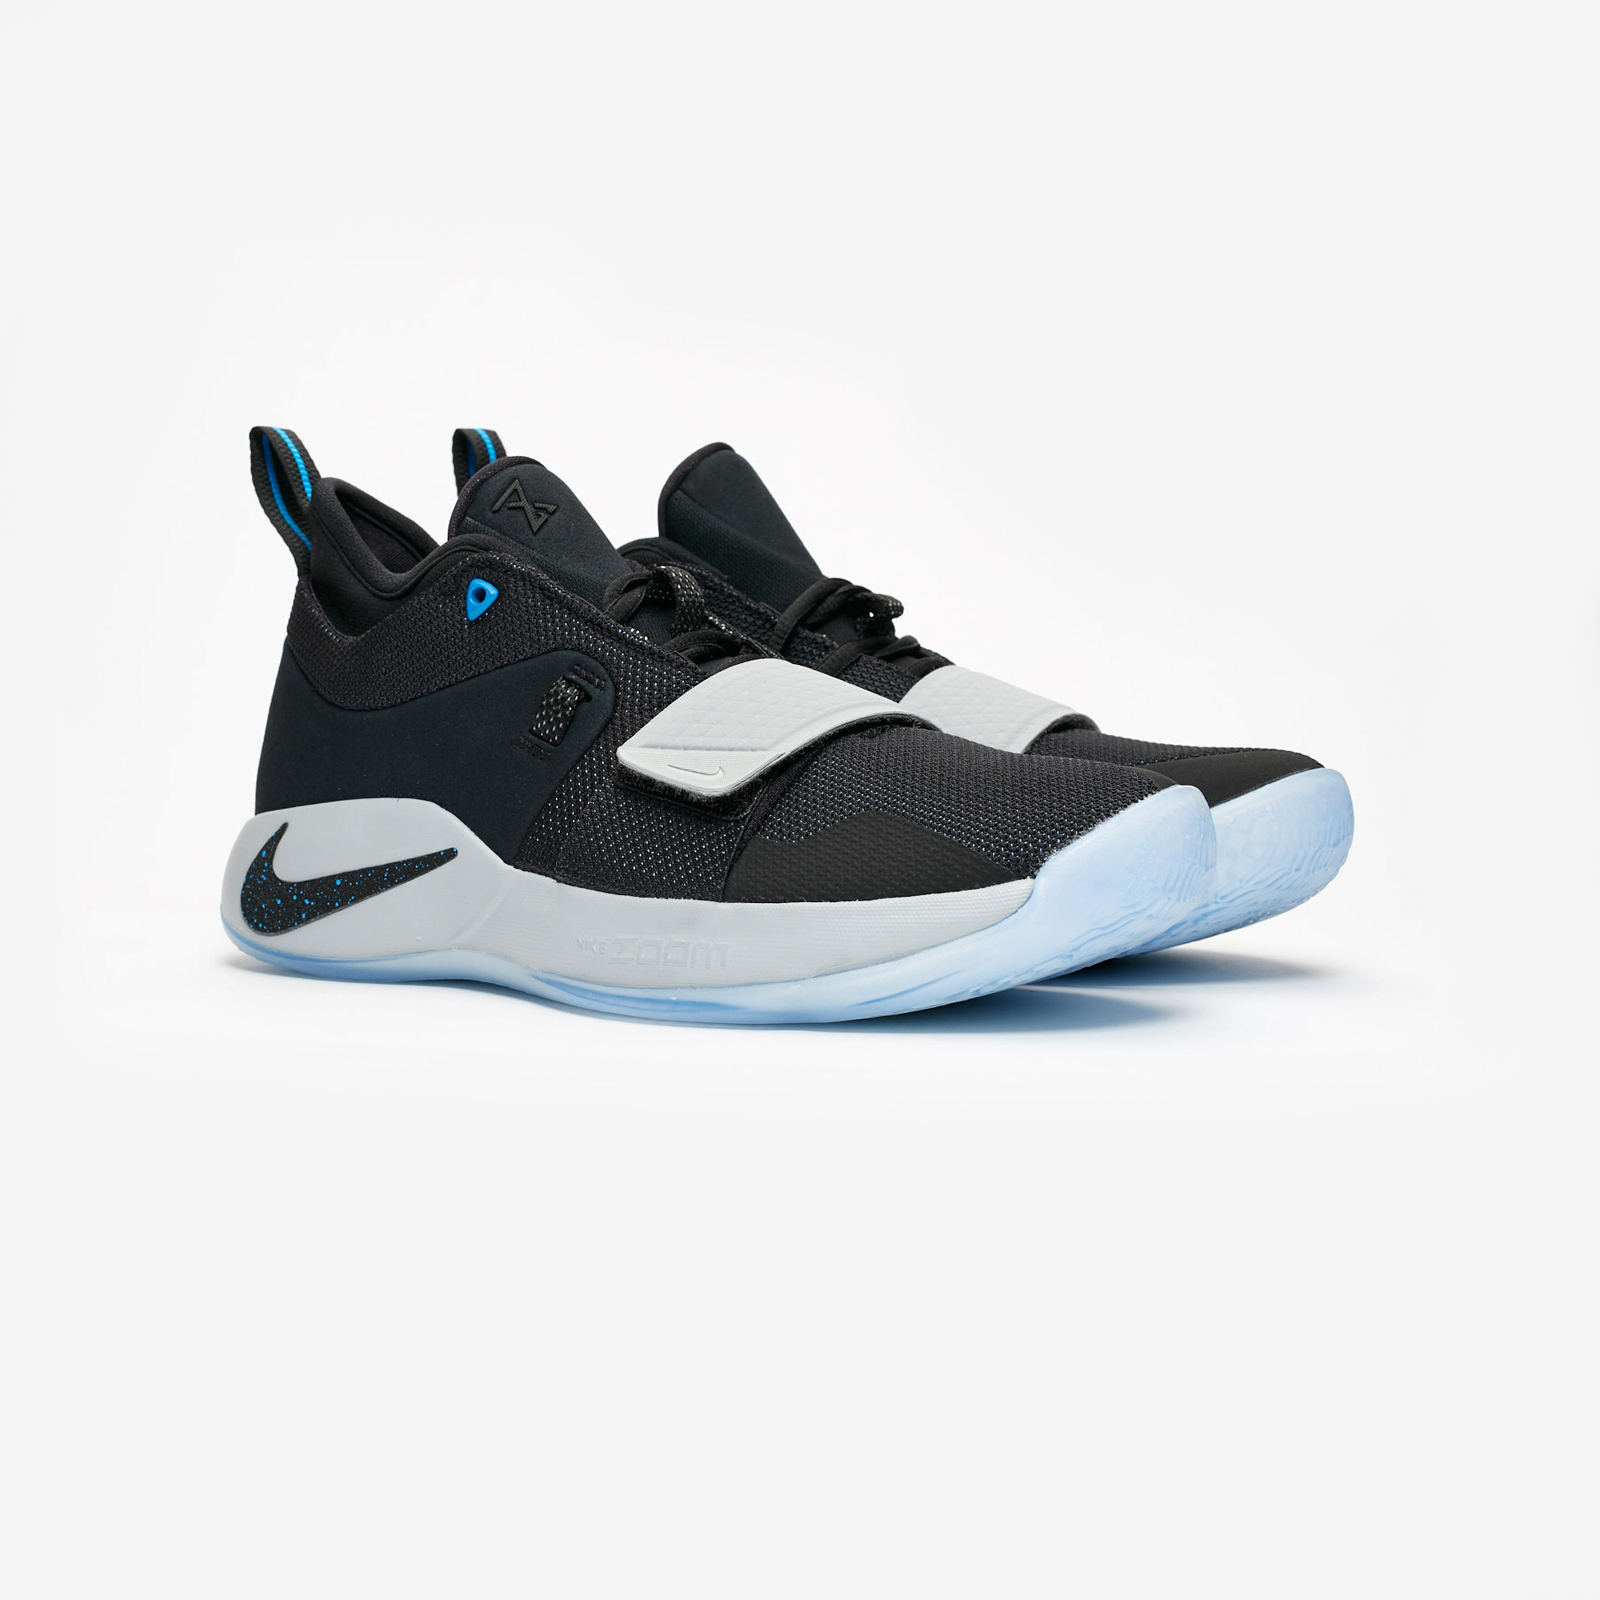 newest 96607 6ad65 Nike PG 2.5 - Bq8452-006 - Sneakersnstuff | sneakers ...